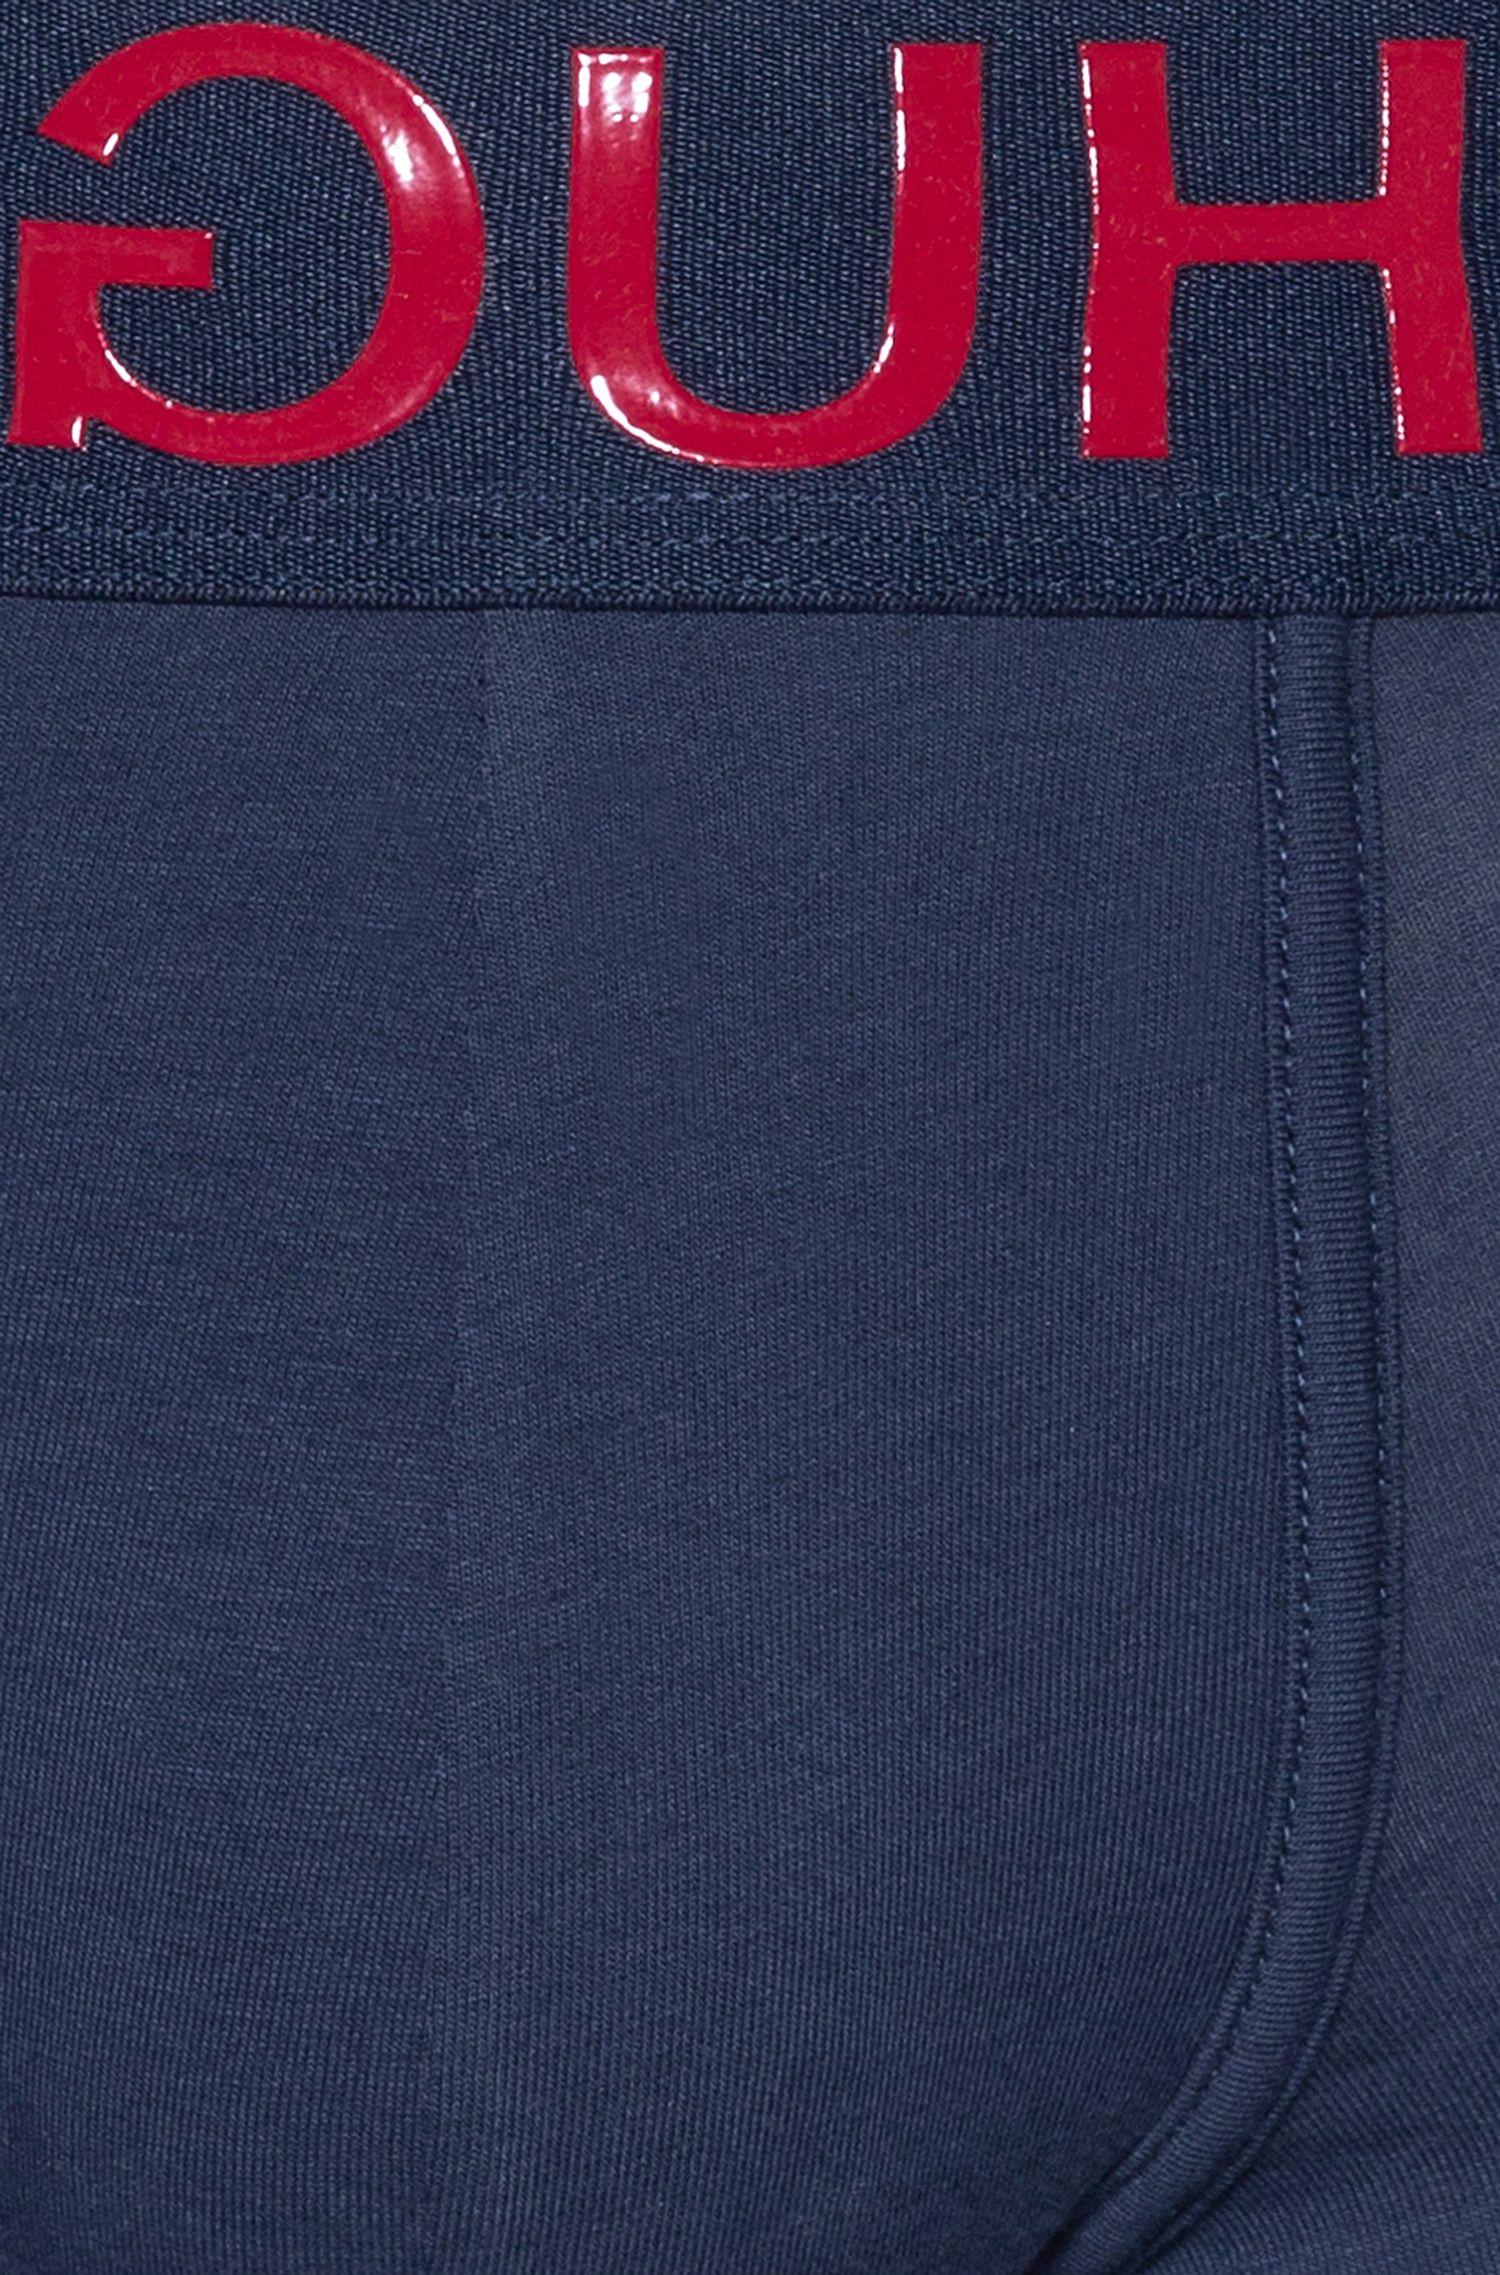 Boxer court en coton stretch, avec logo inversé à la taille, Bleu foncé